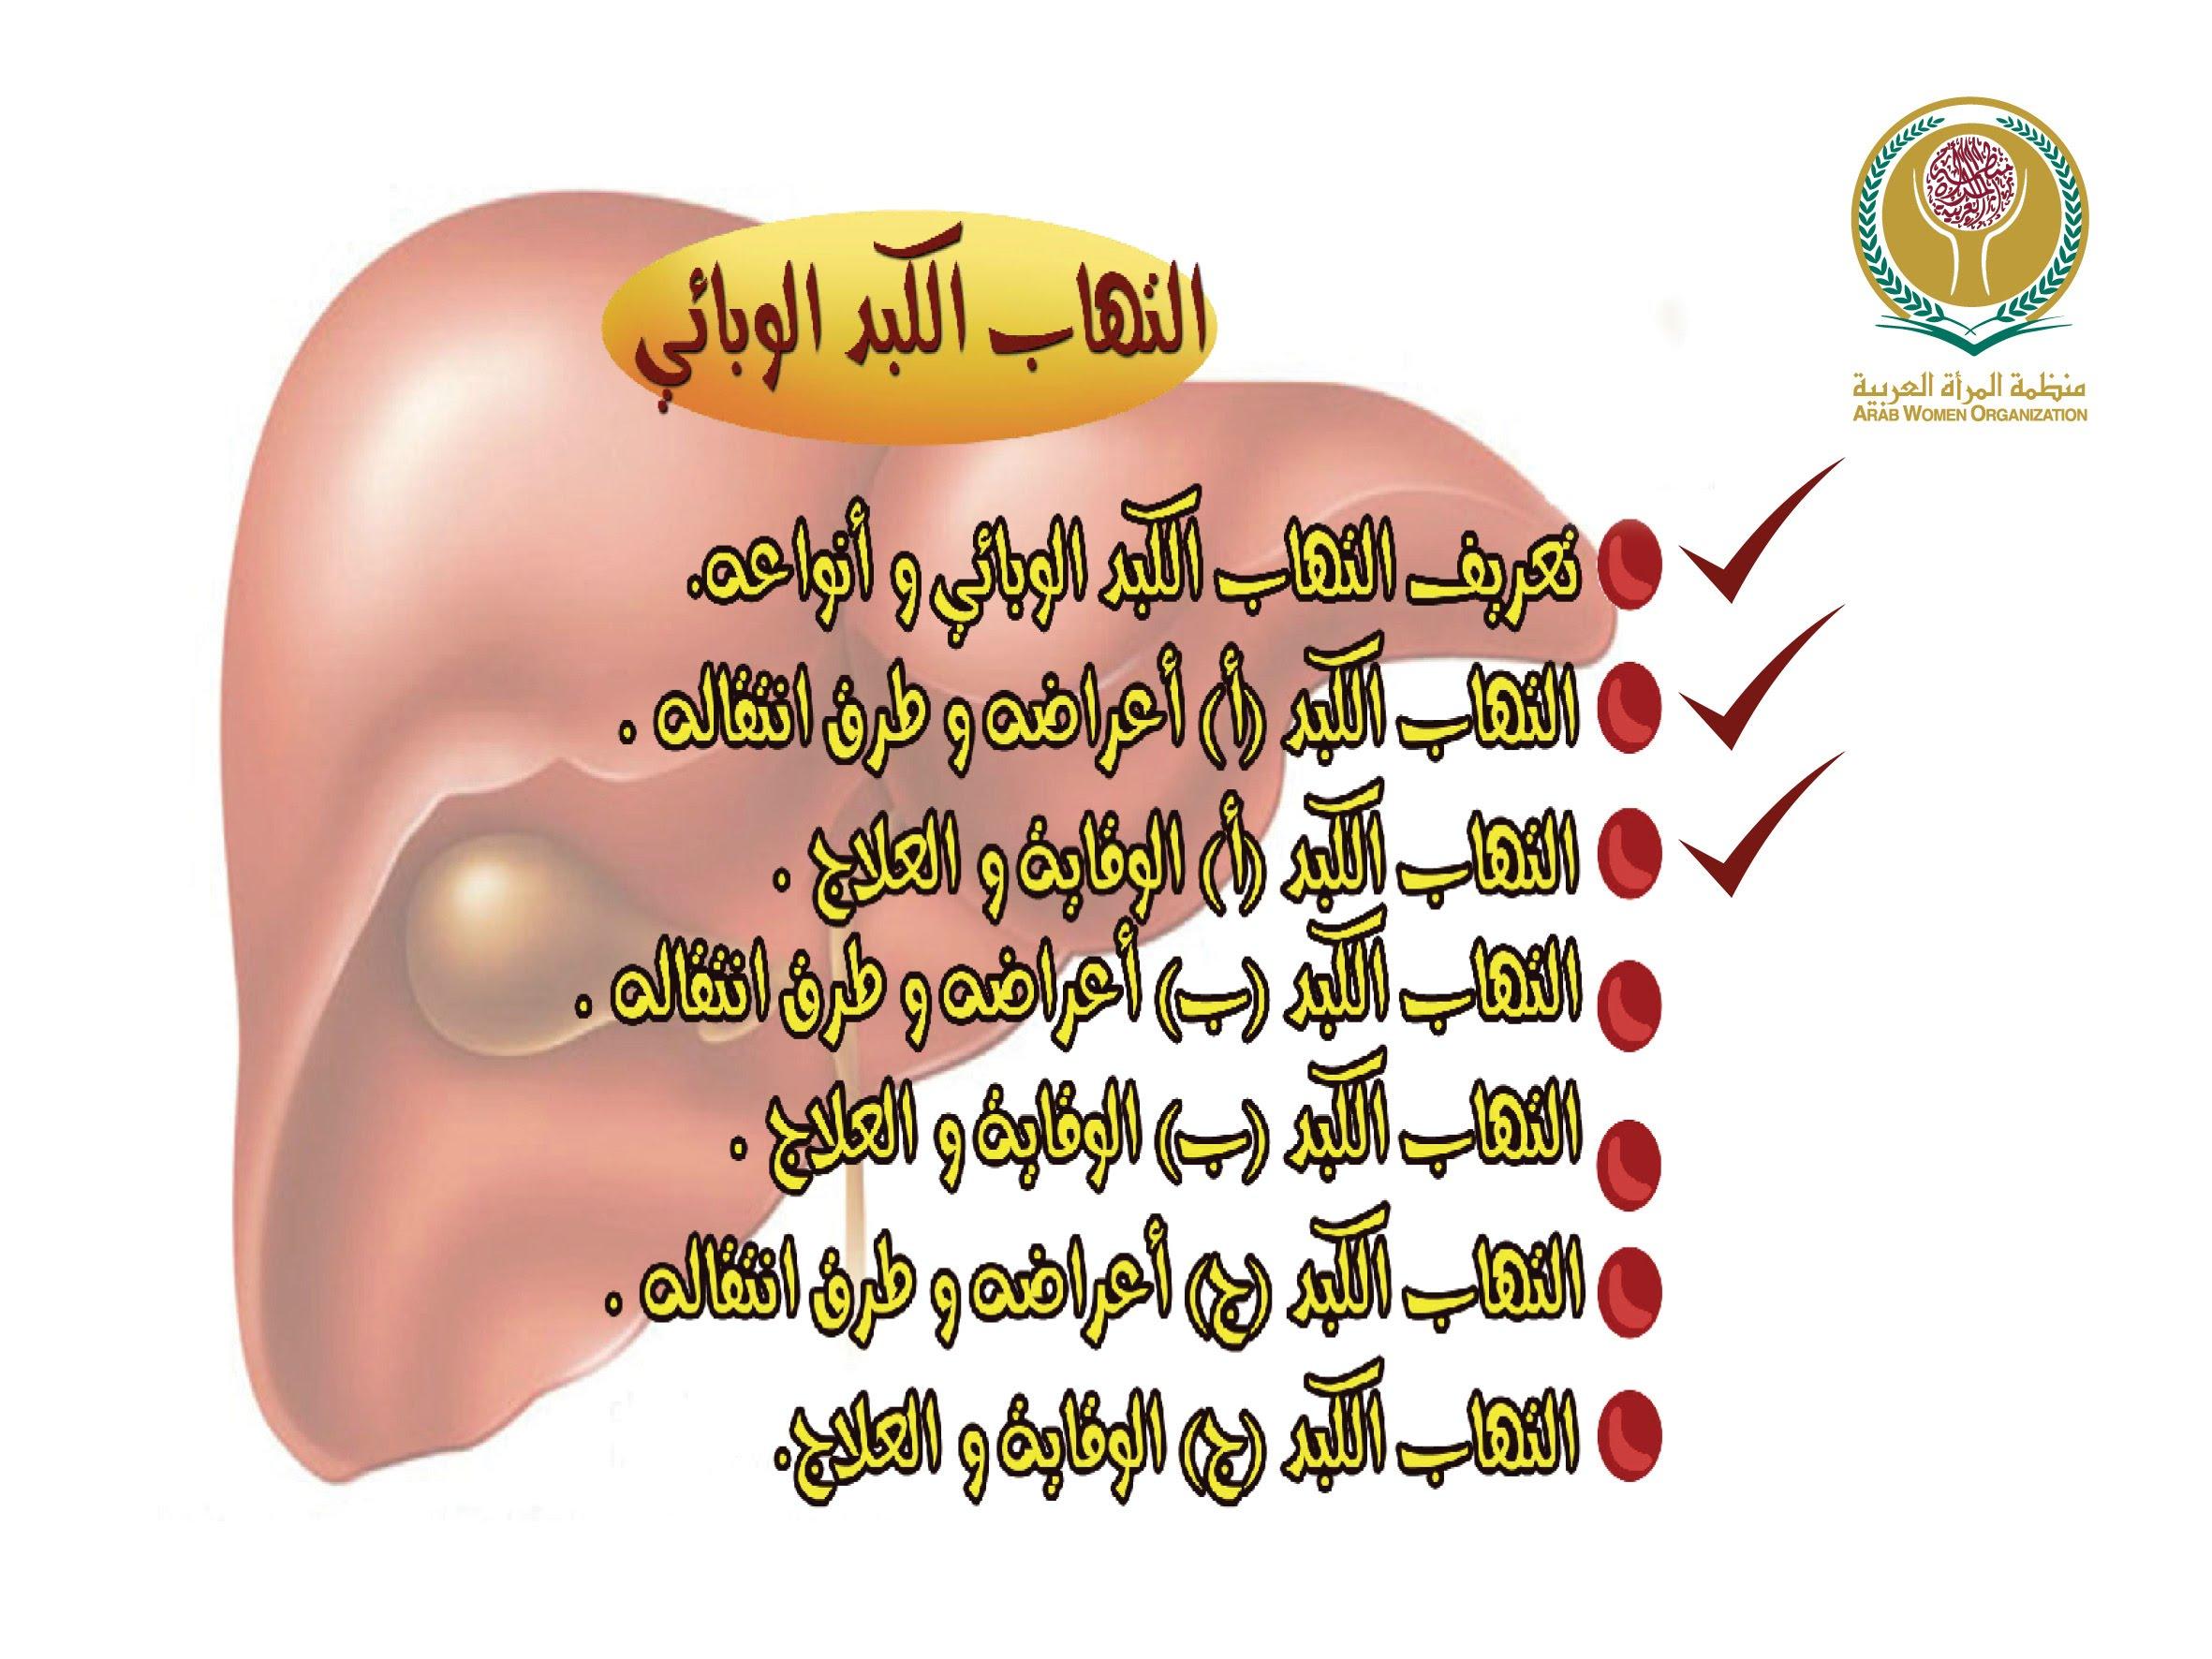 بالصور مرض الكبد الوبائي , اهم المعلومات حول مرض الكبد الوبائي 2584 1